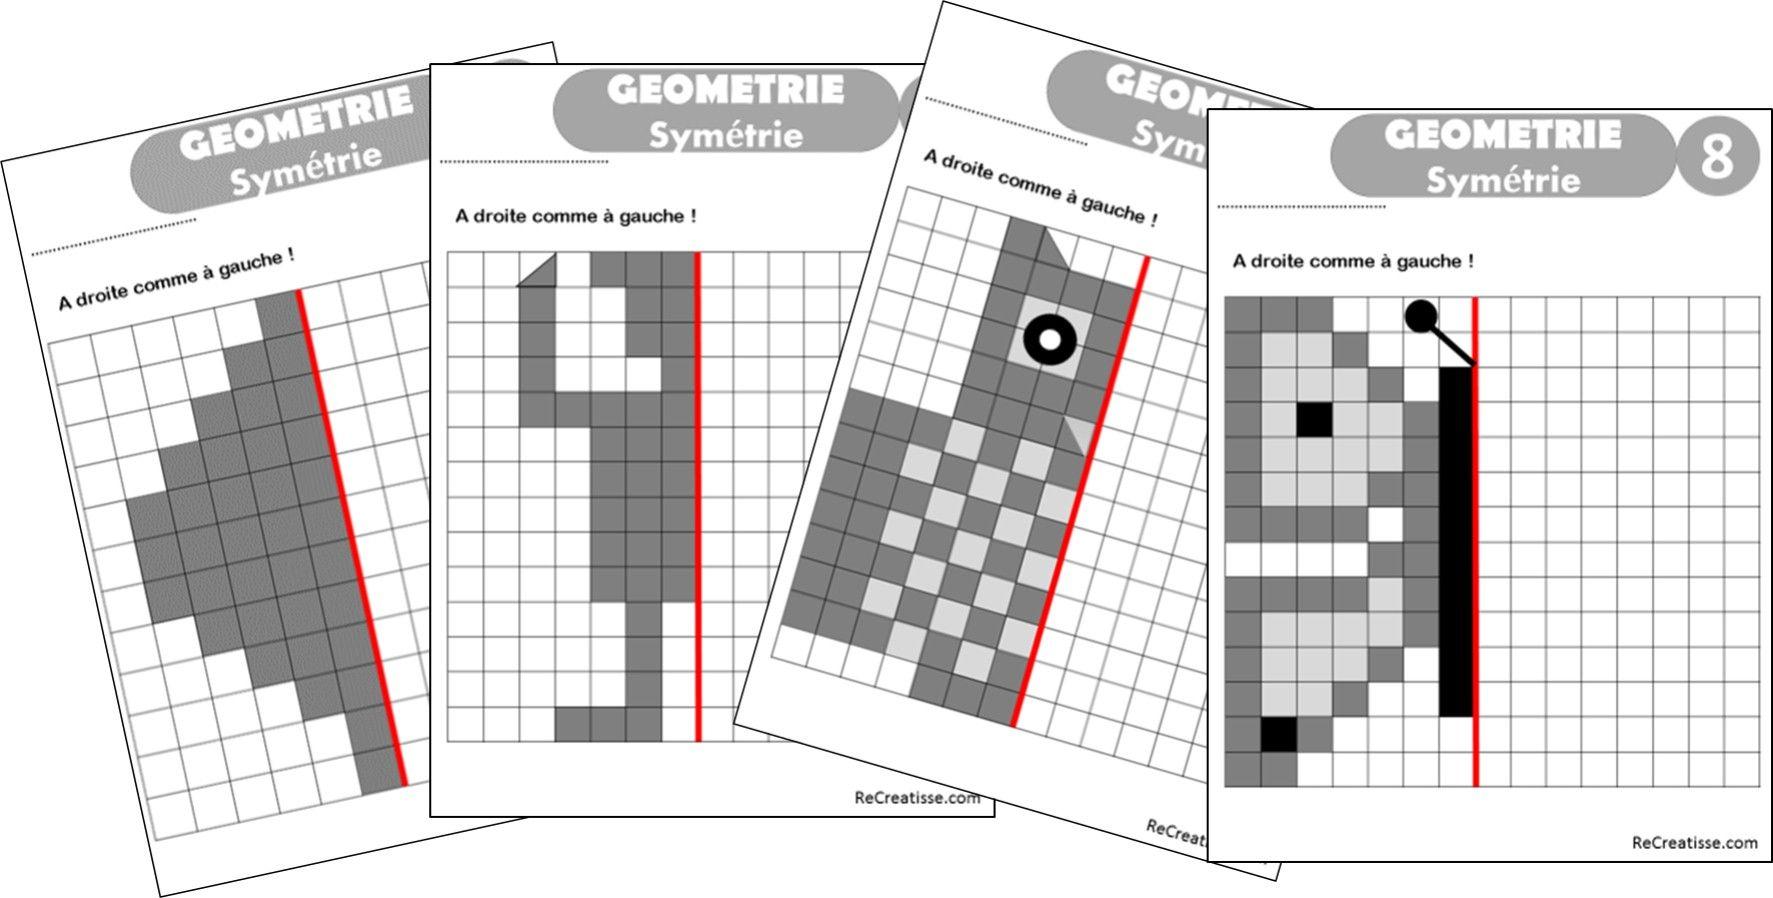 GEOMETRIE : ateliers symétrie et exercices | Géométrie ...